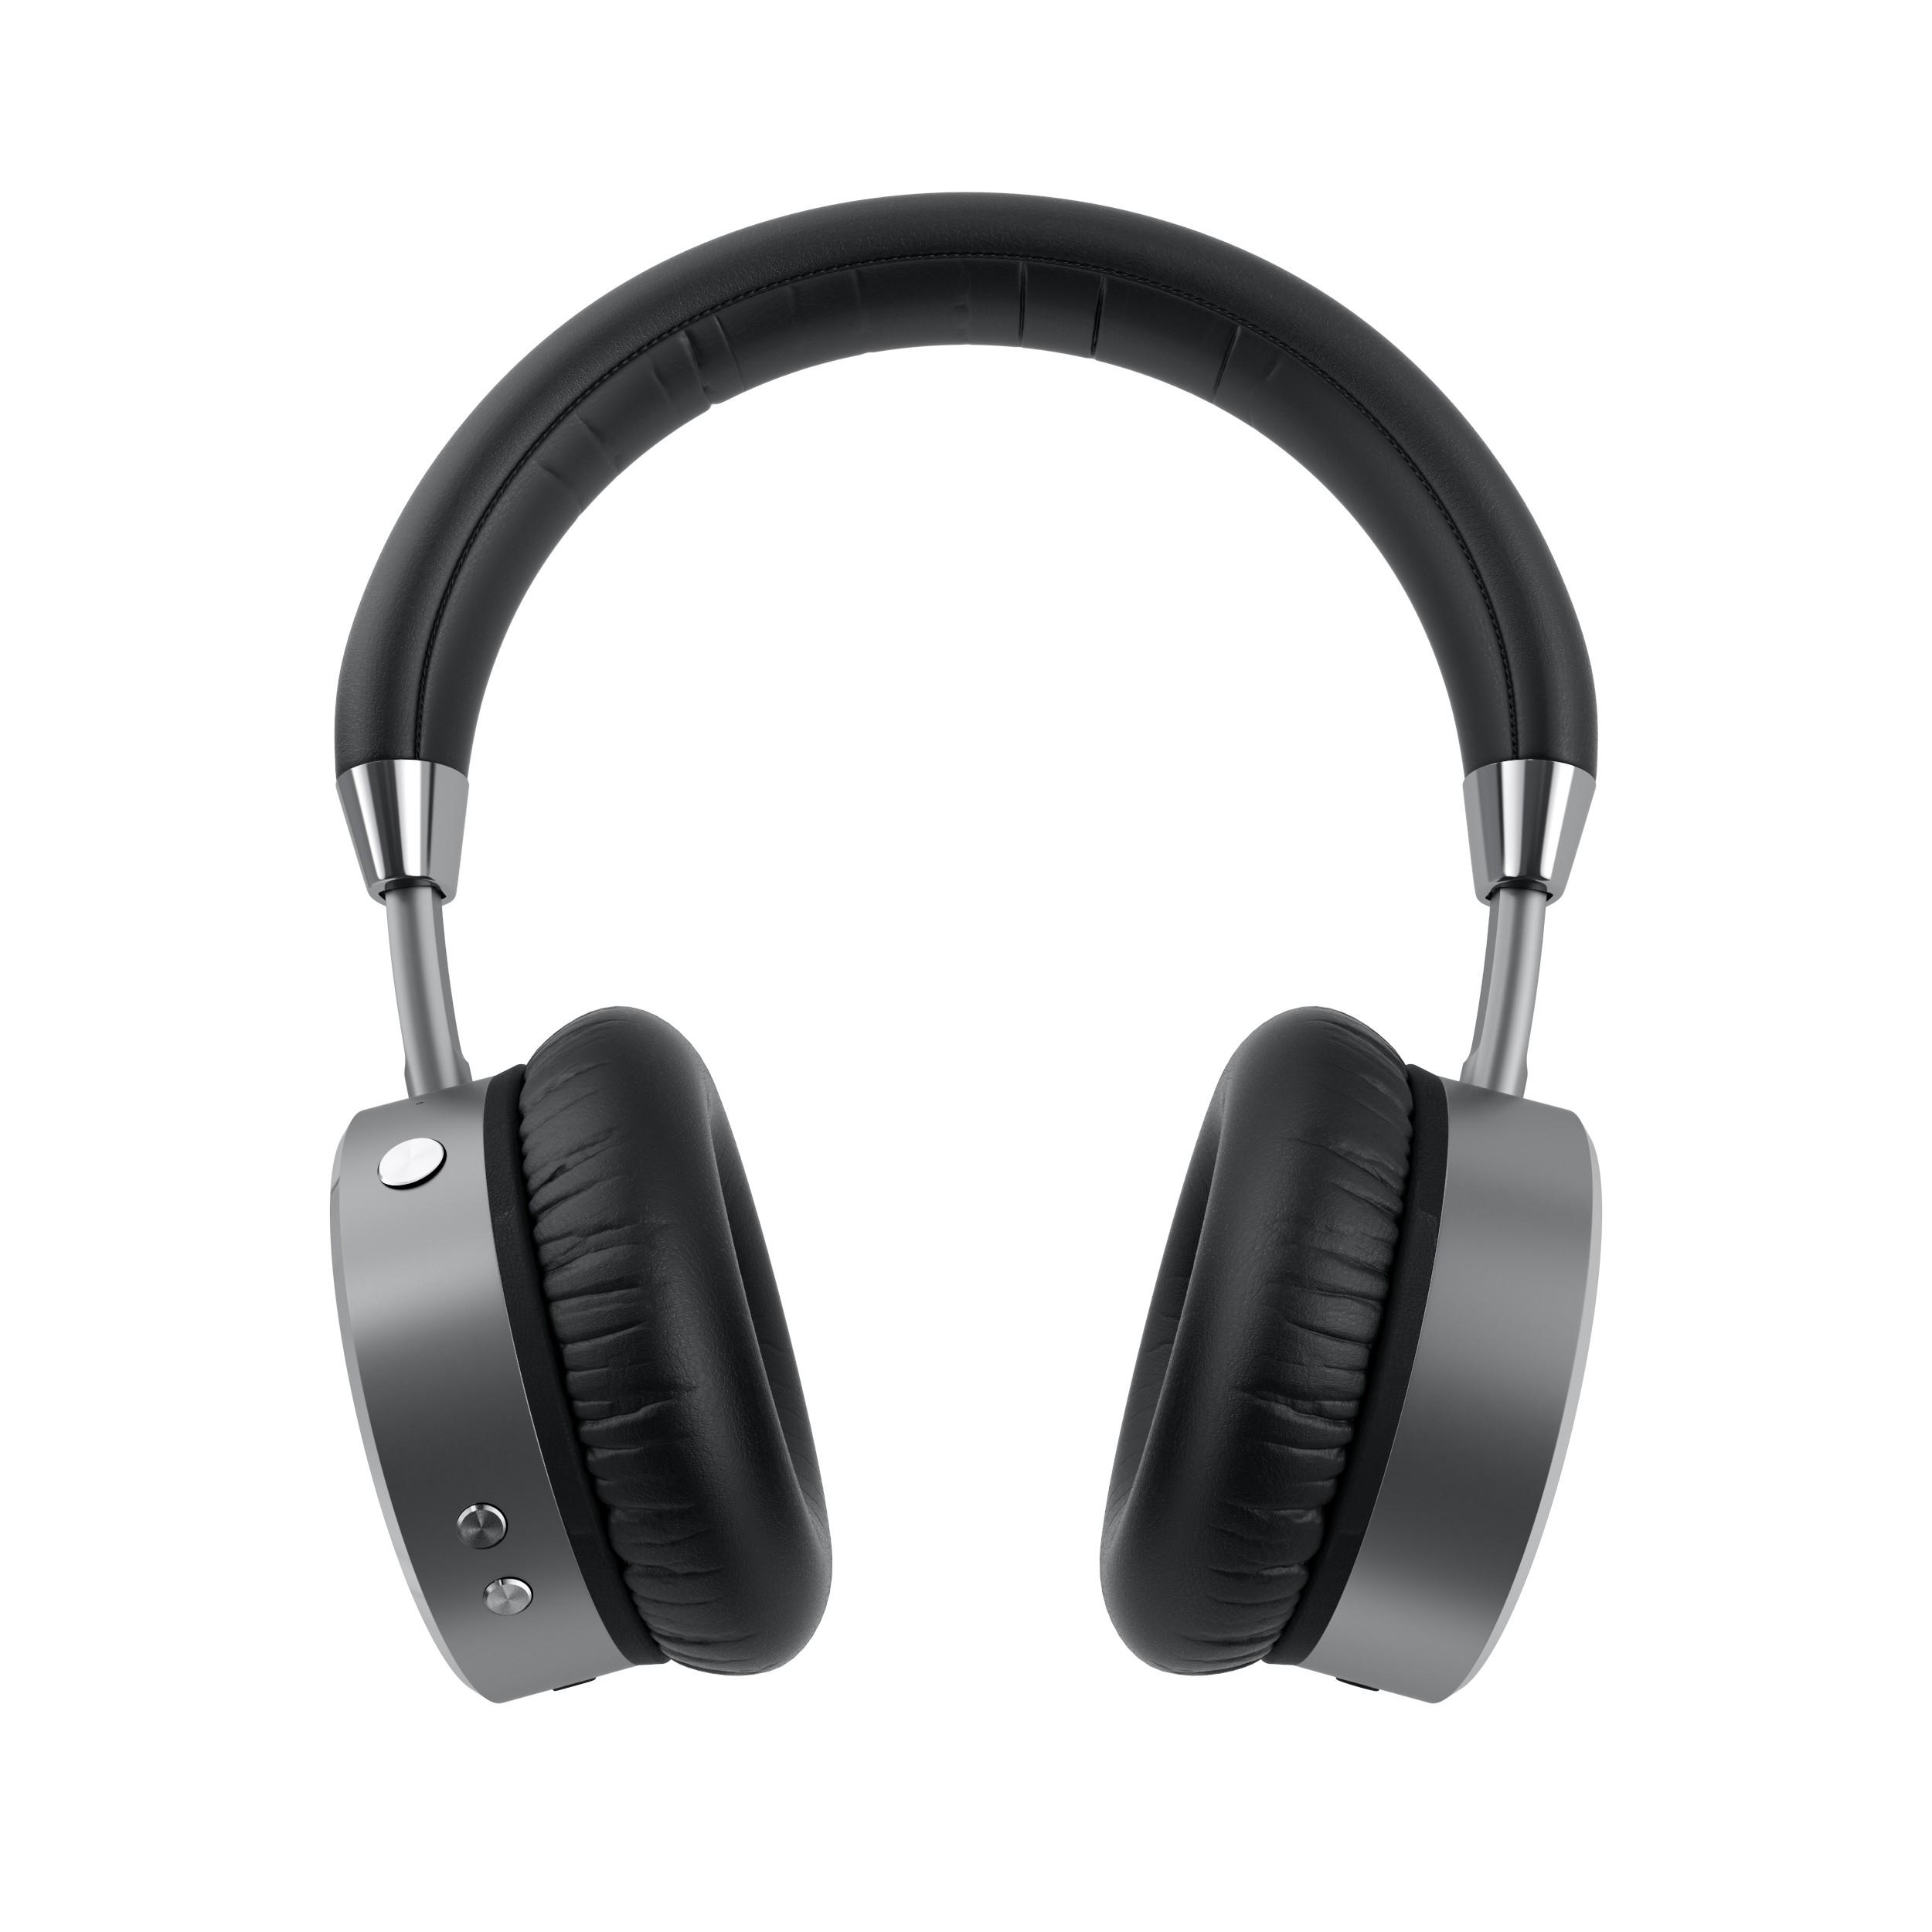 Nice Images Collection: Headphones Desktop Wallpapers